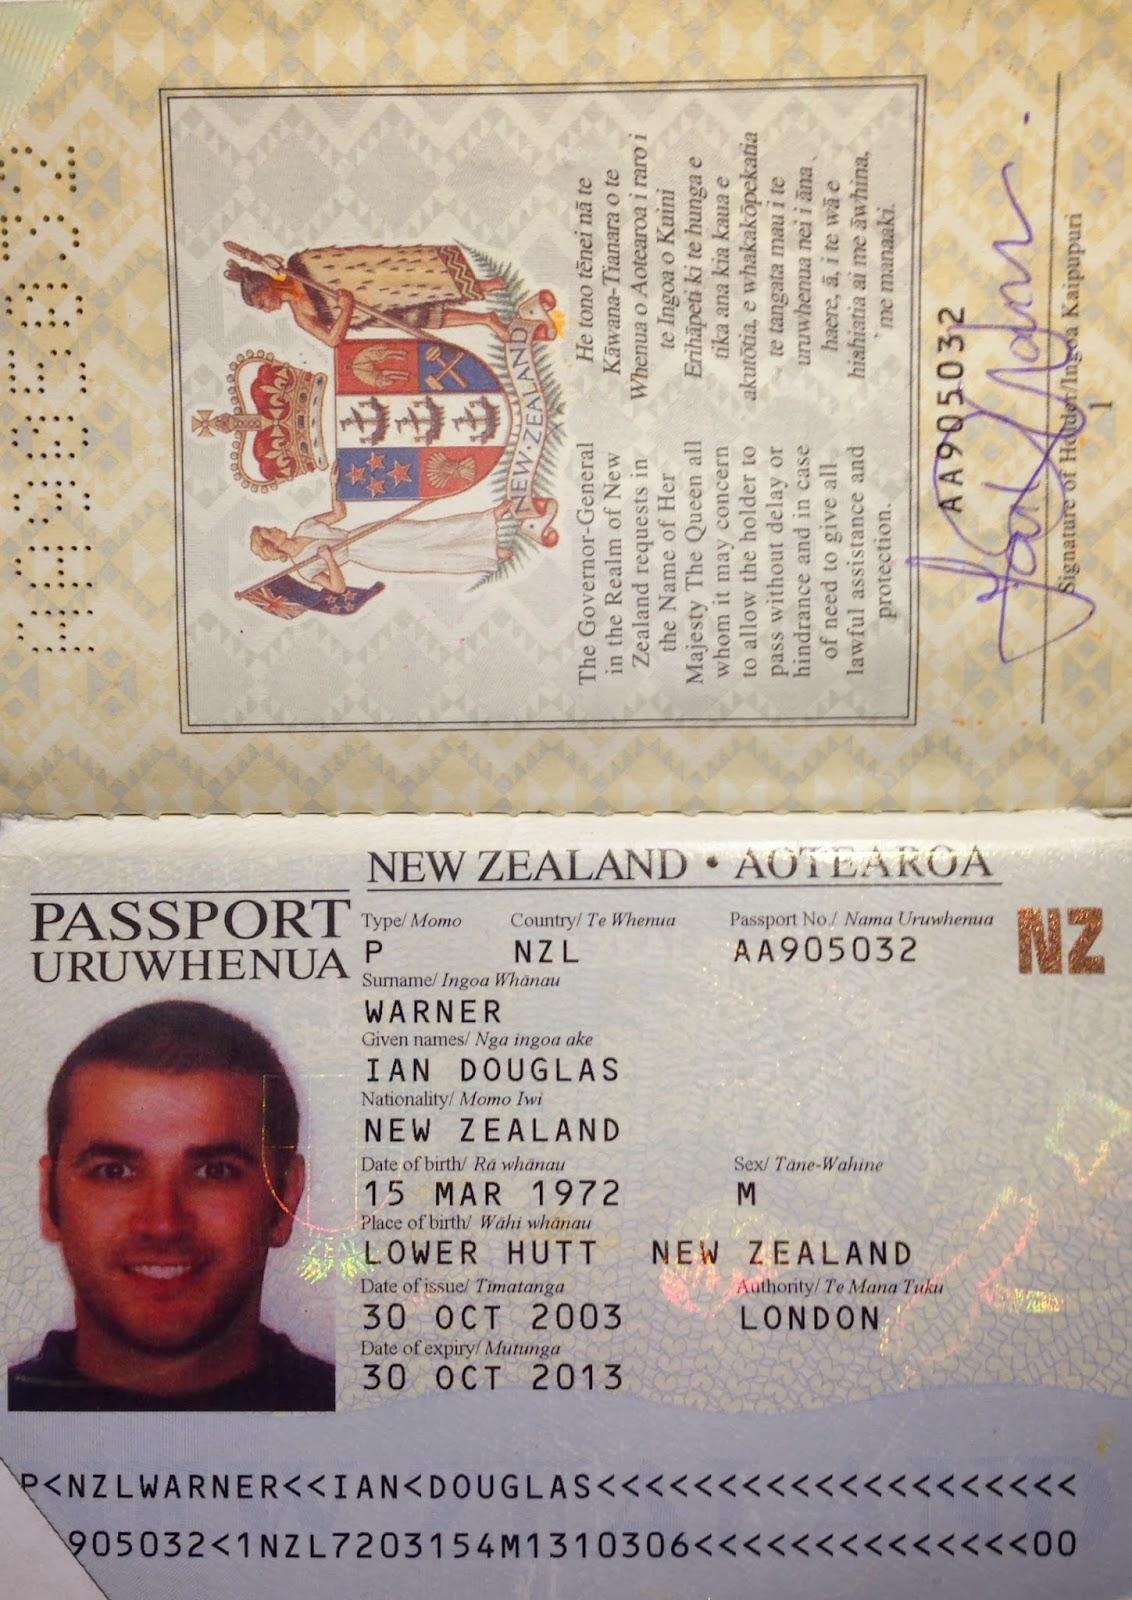 THE TATTERED PASSPORT: Passports